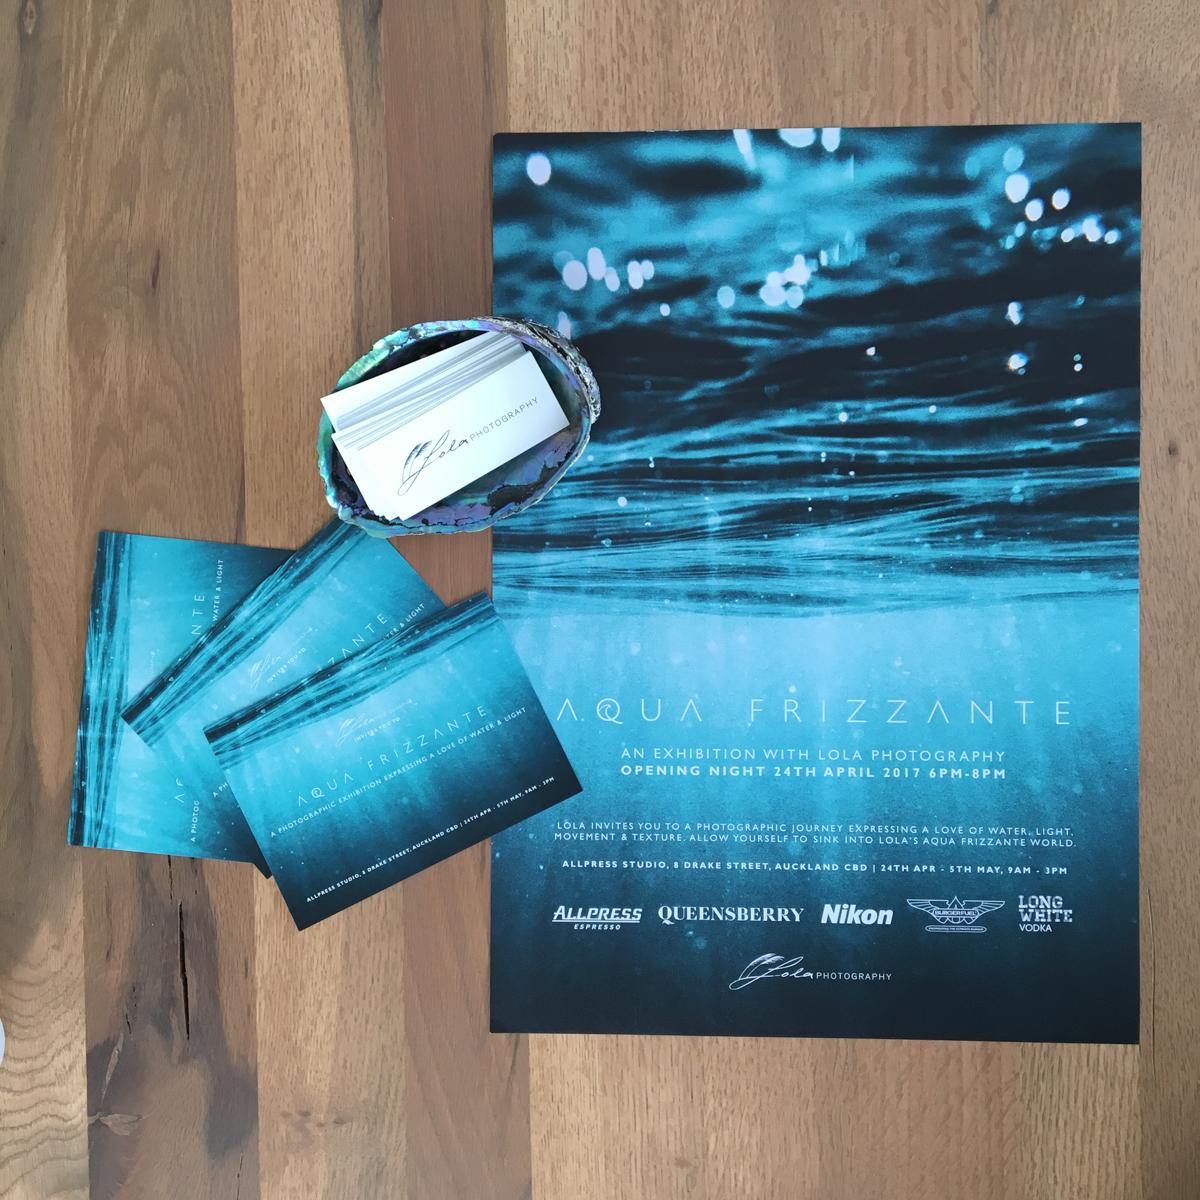 AquaFrizzanteLola_001.jpg